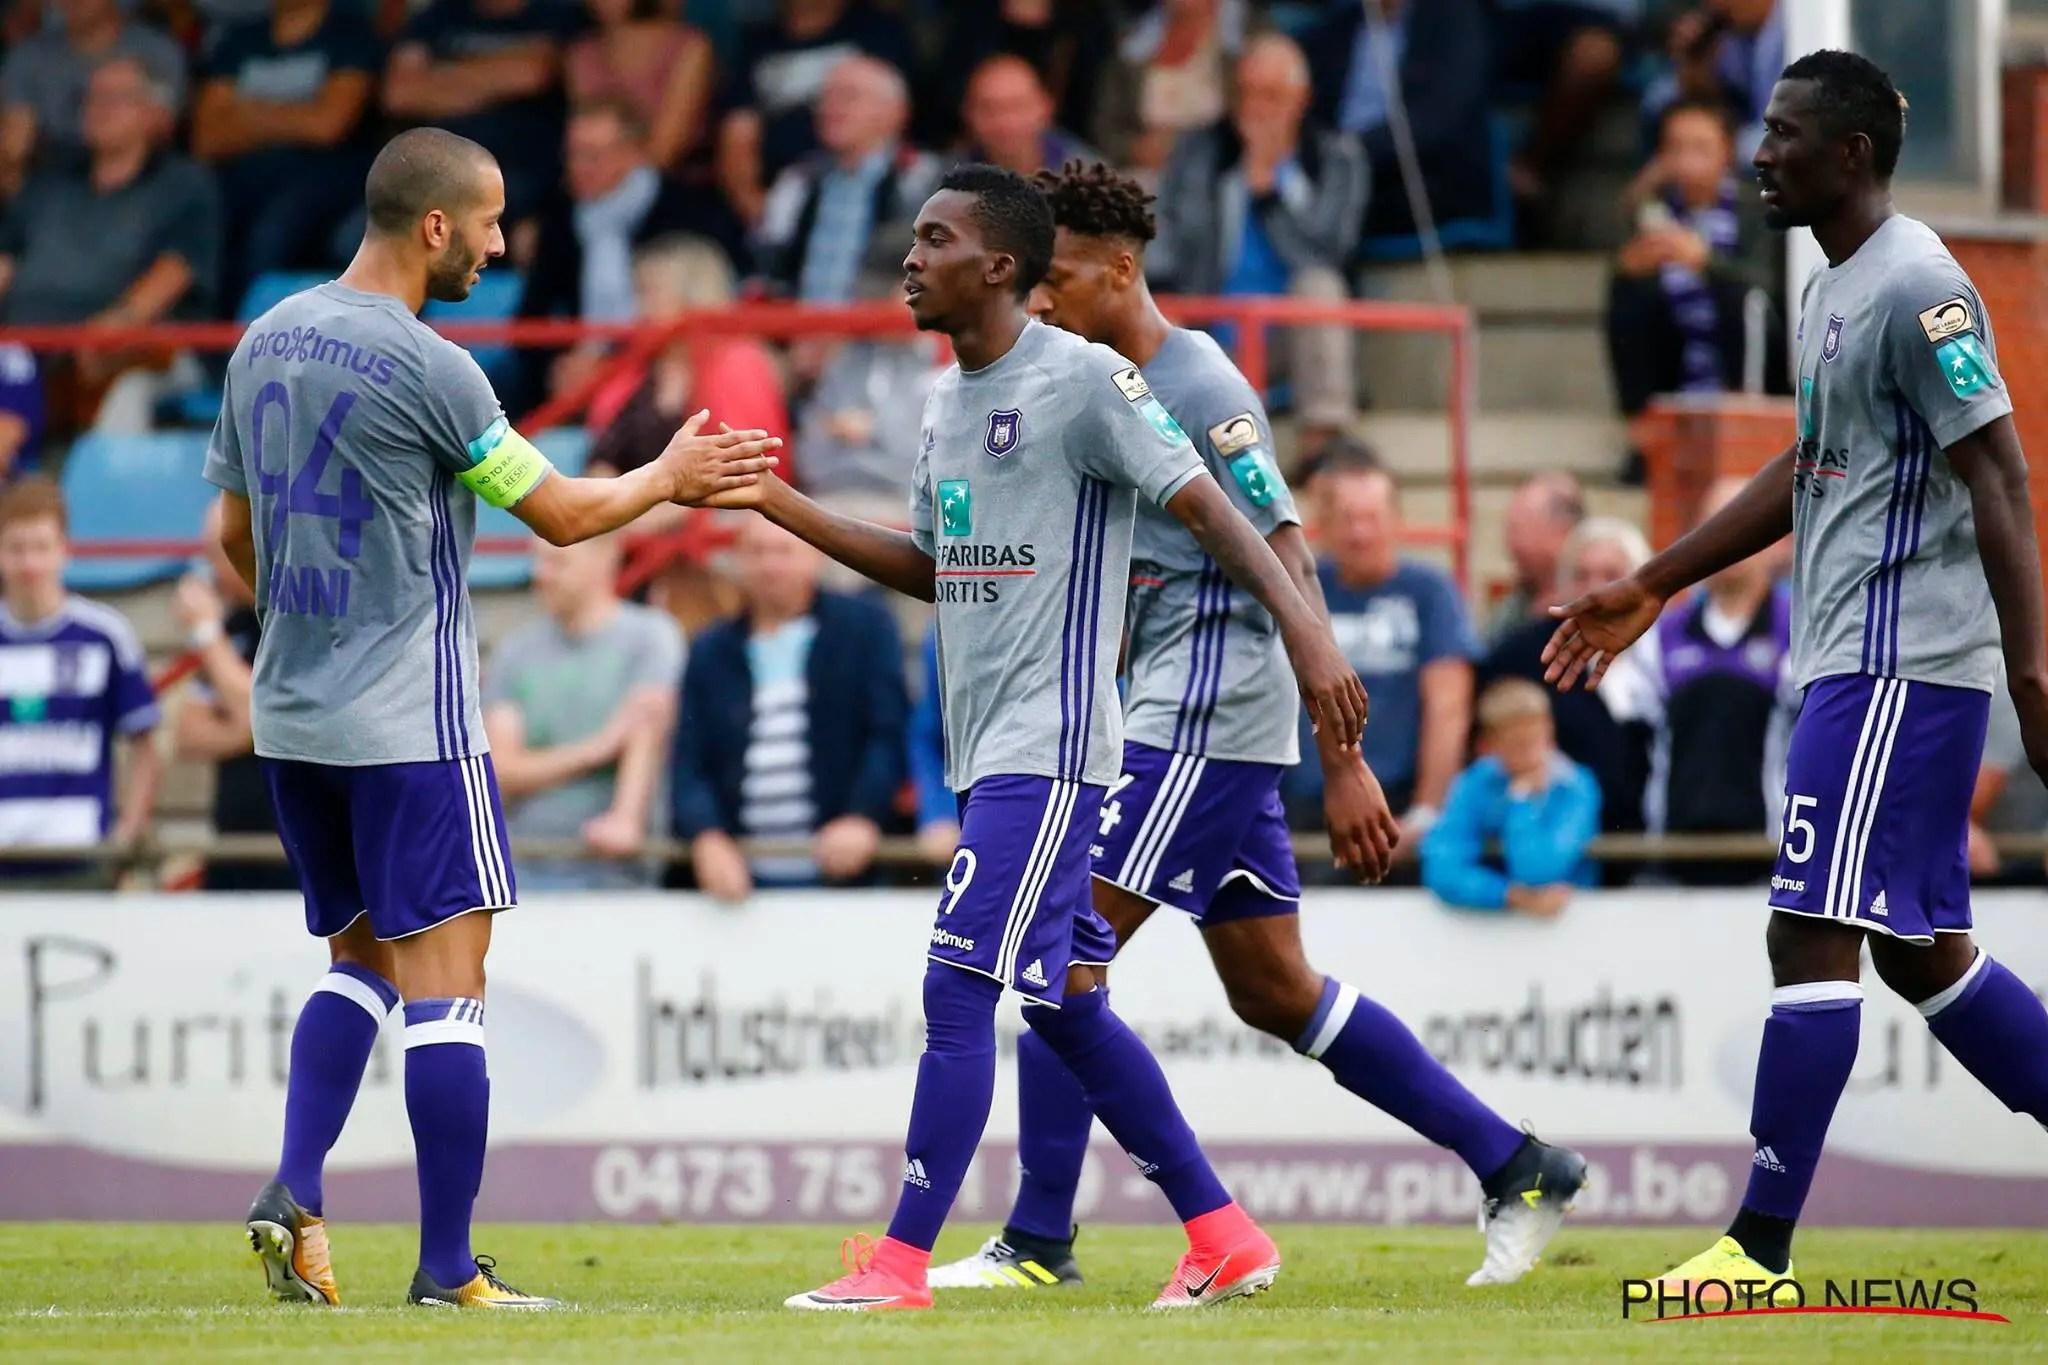 Onyekuru Opens Goals Account With Brace In Anderlecht Win